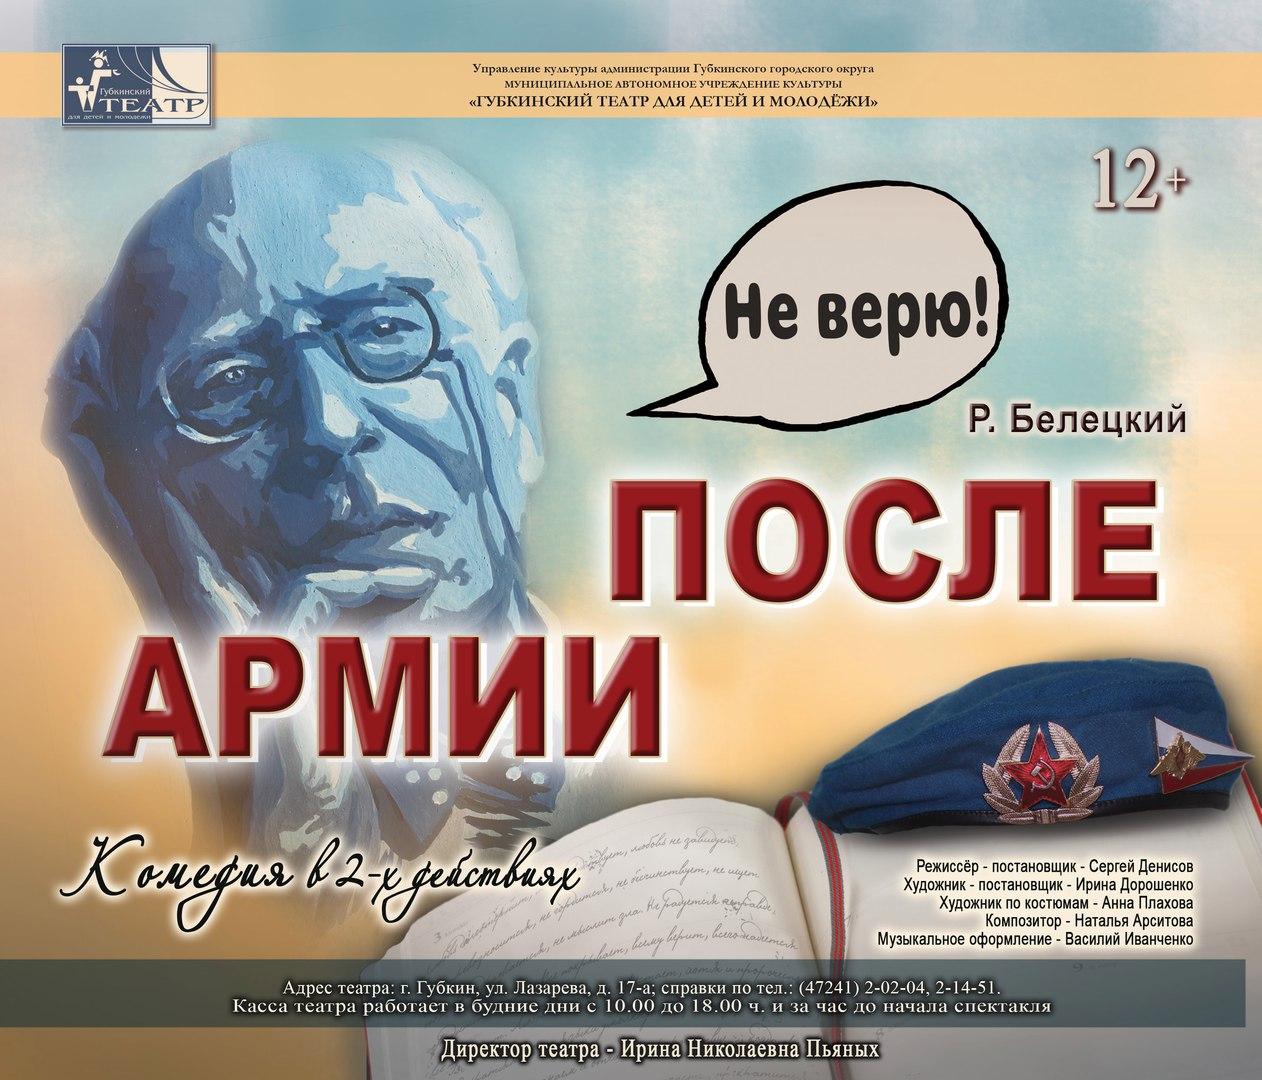 В Губкинском театре для детей и молодёжи покажут премьеру комедии «После армии»